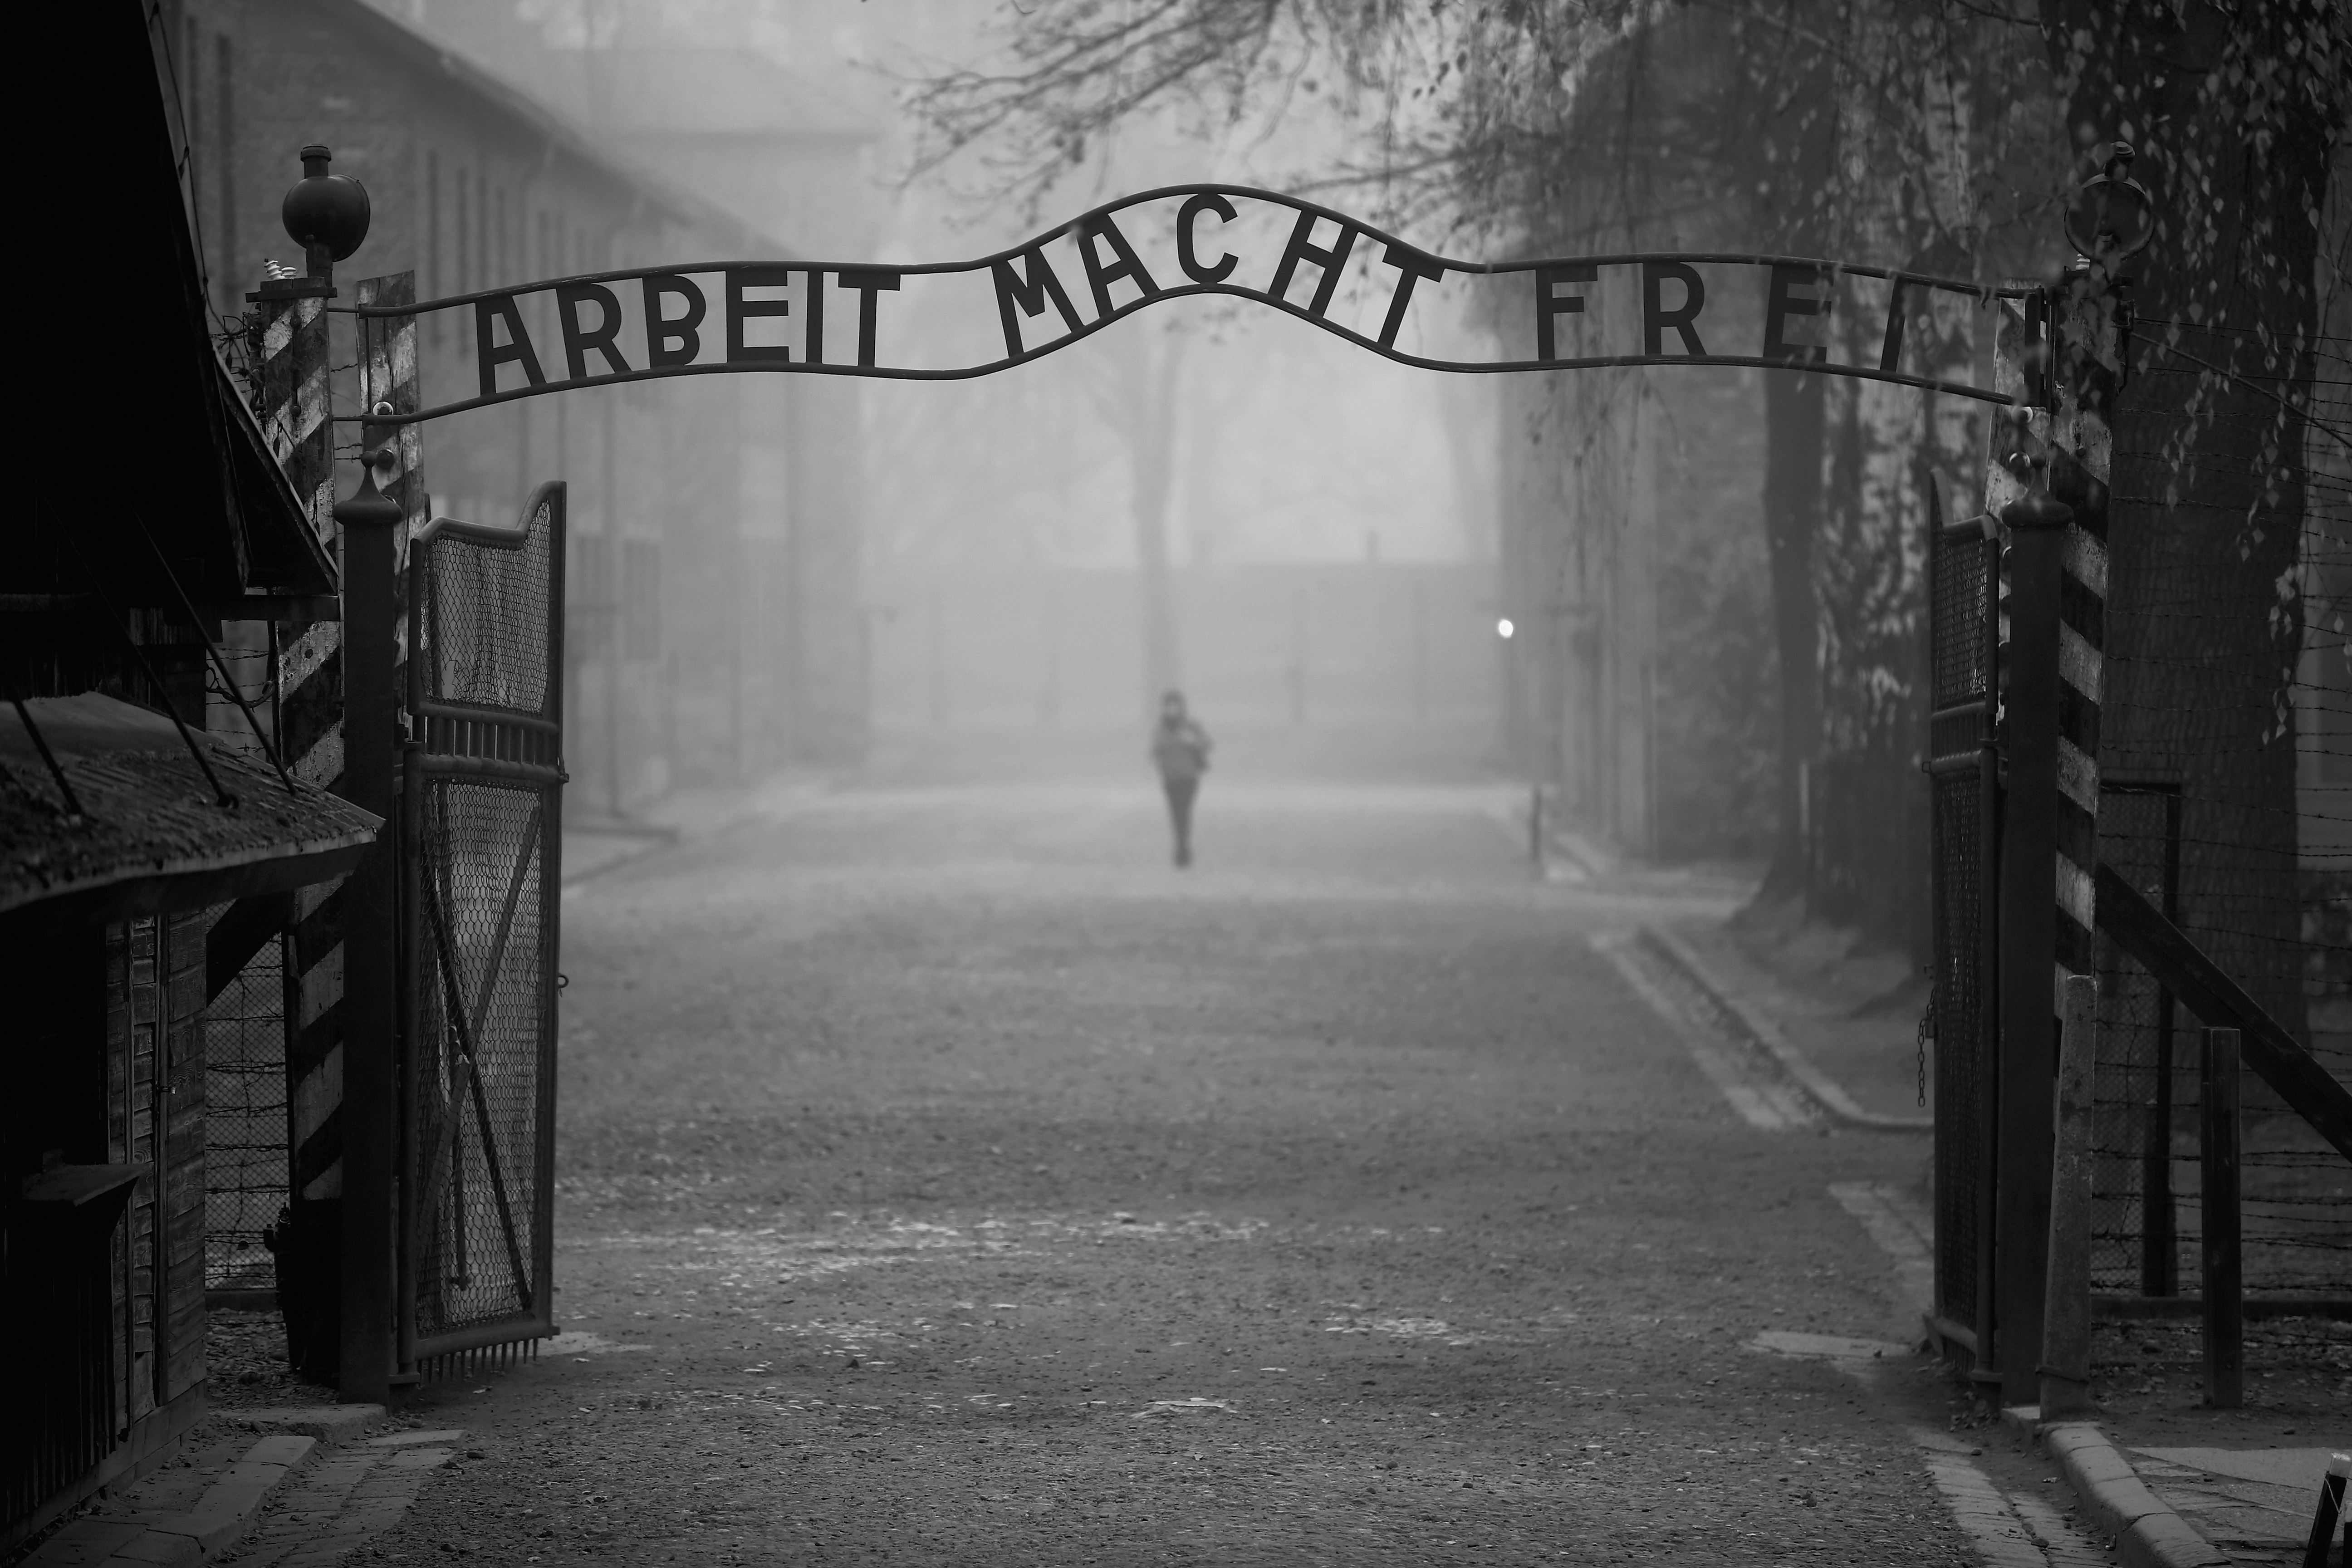 Confesiunile unei supravietuitoare a Holocaustului, nascuta in Romania: